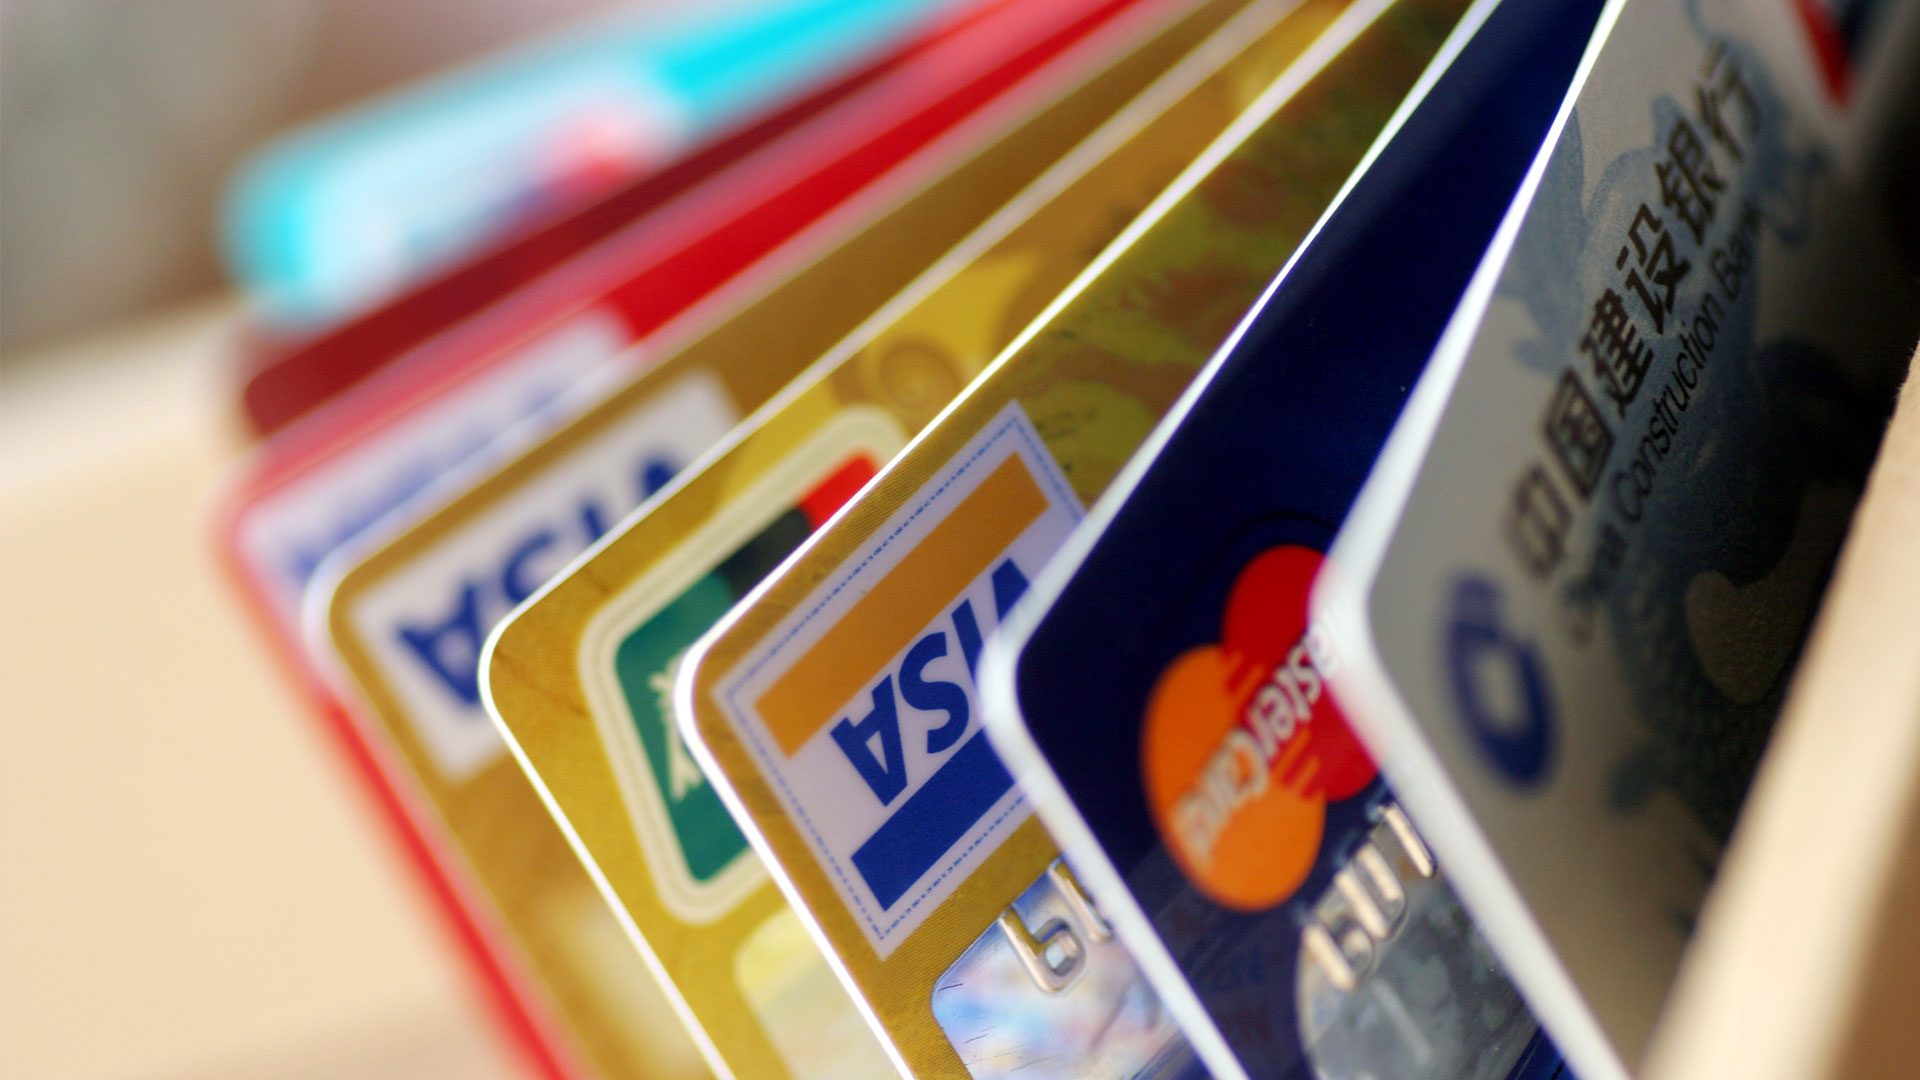 Как повысить свой доход с помощью кредитных карт